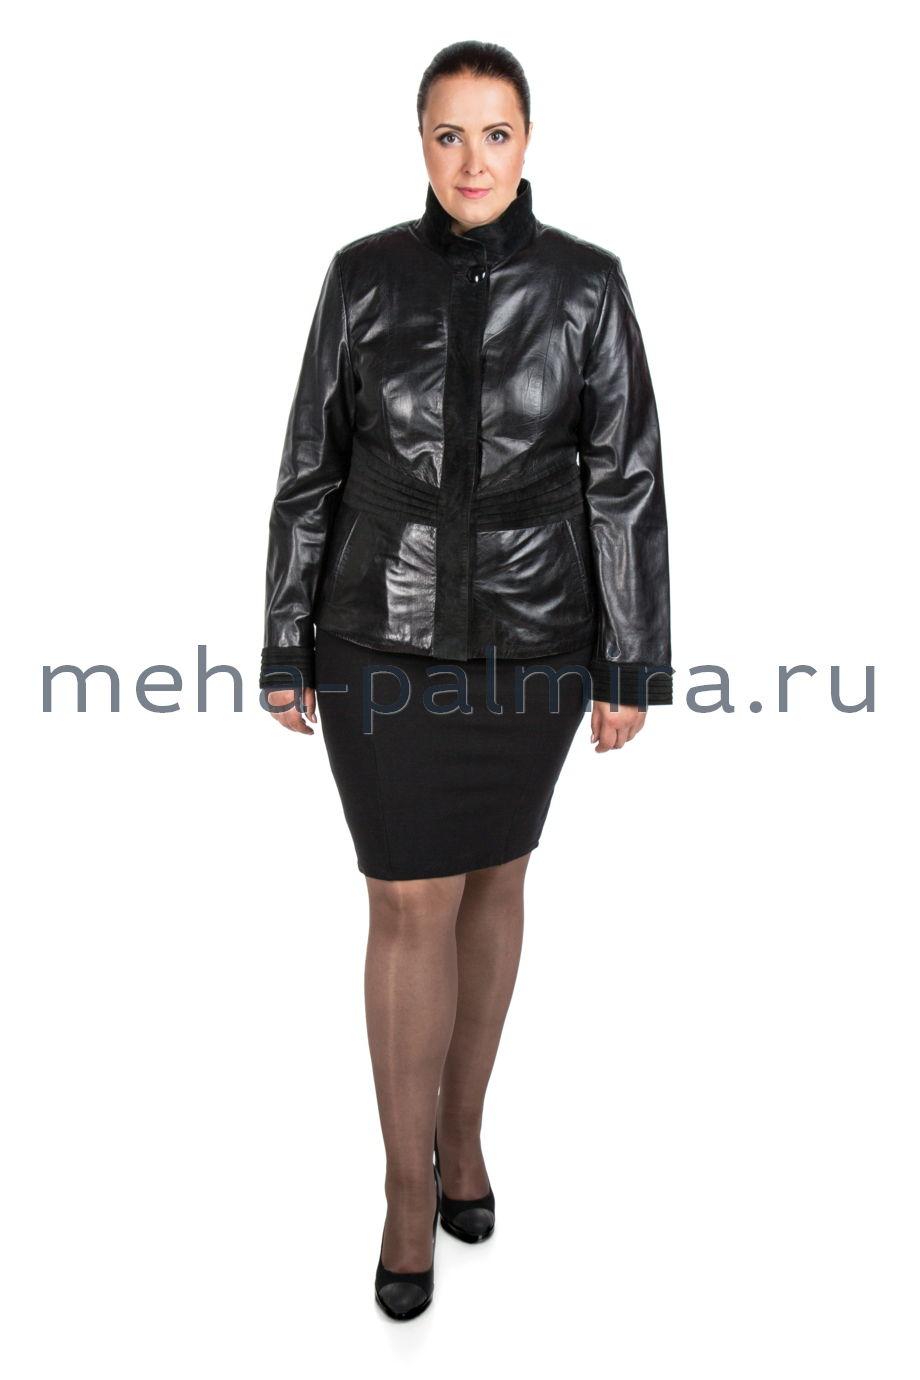 Комбинированная женская куртка из кожи и замши